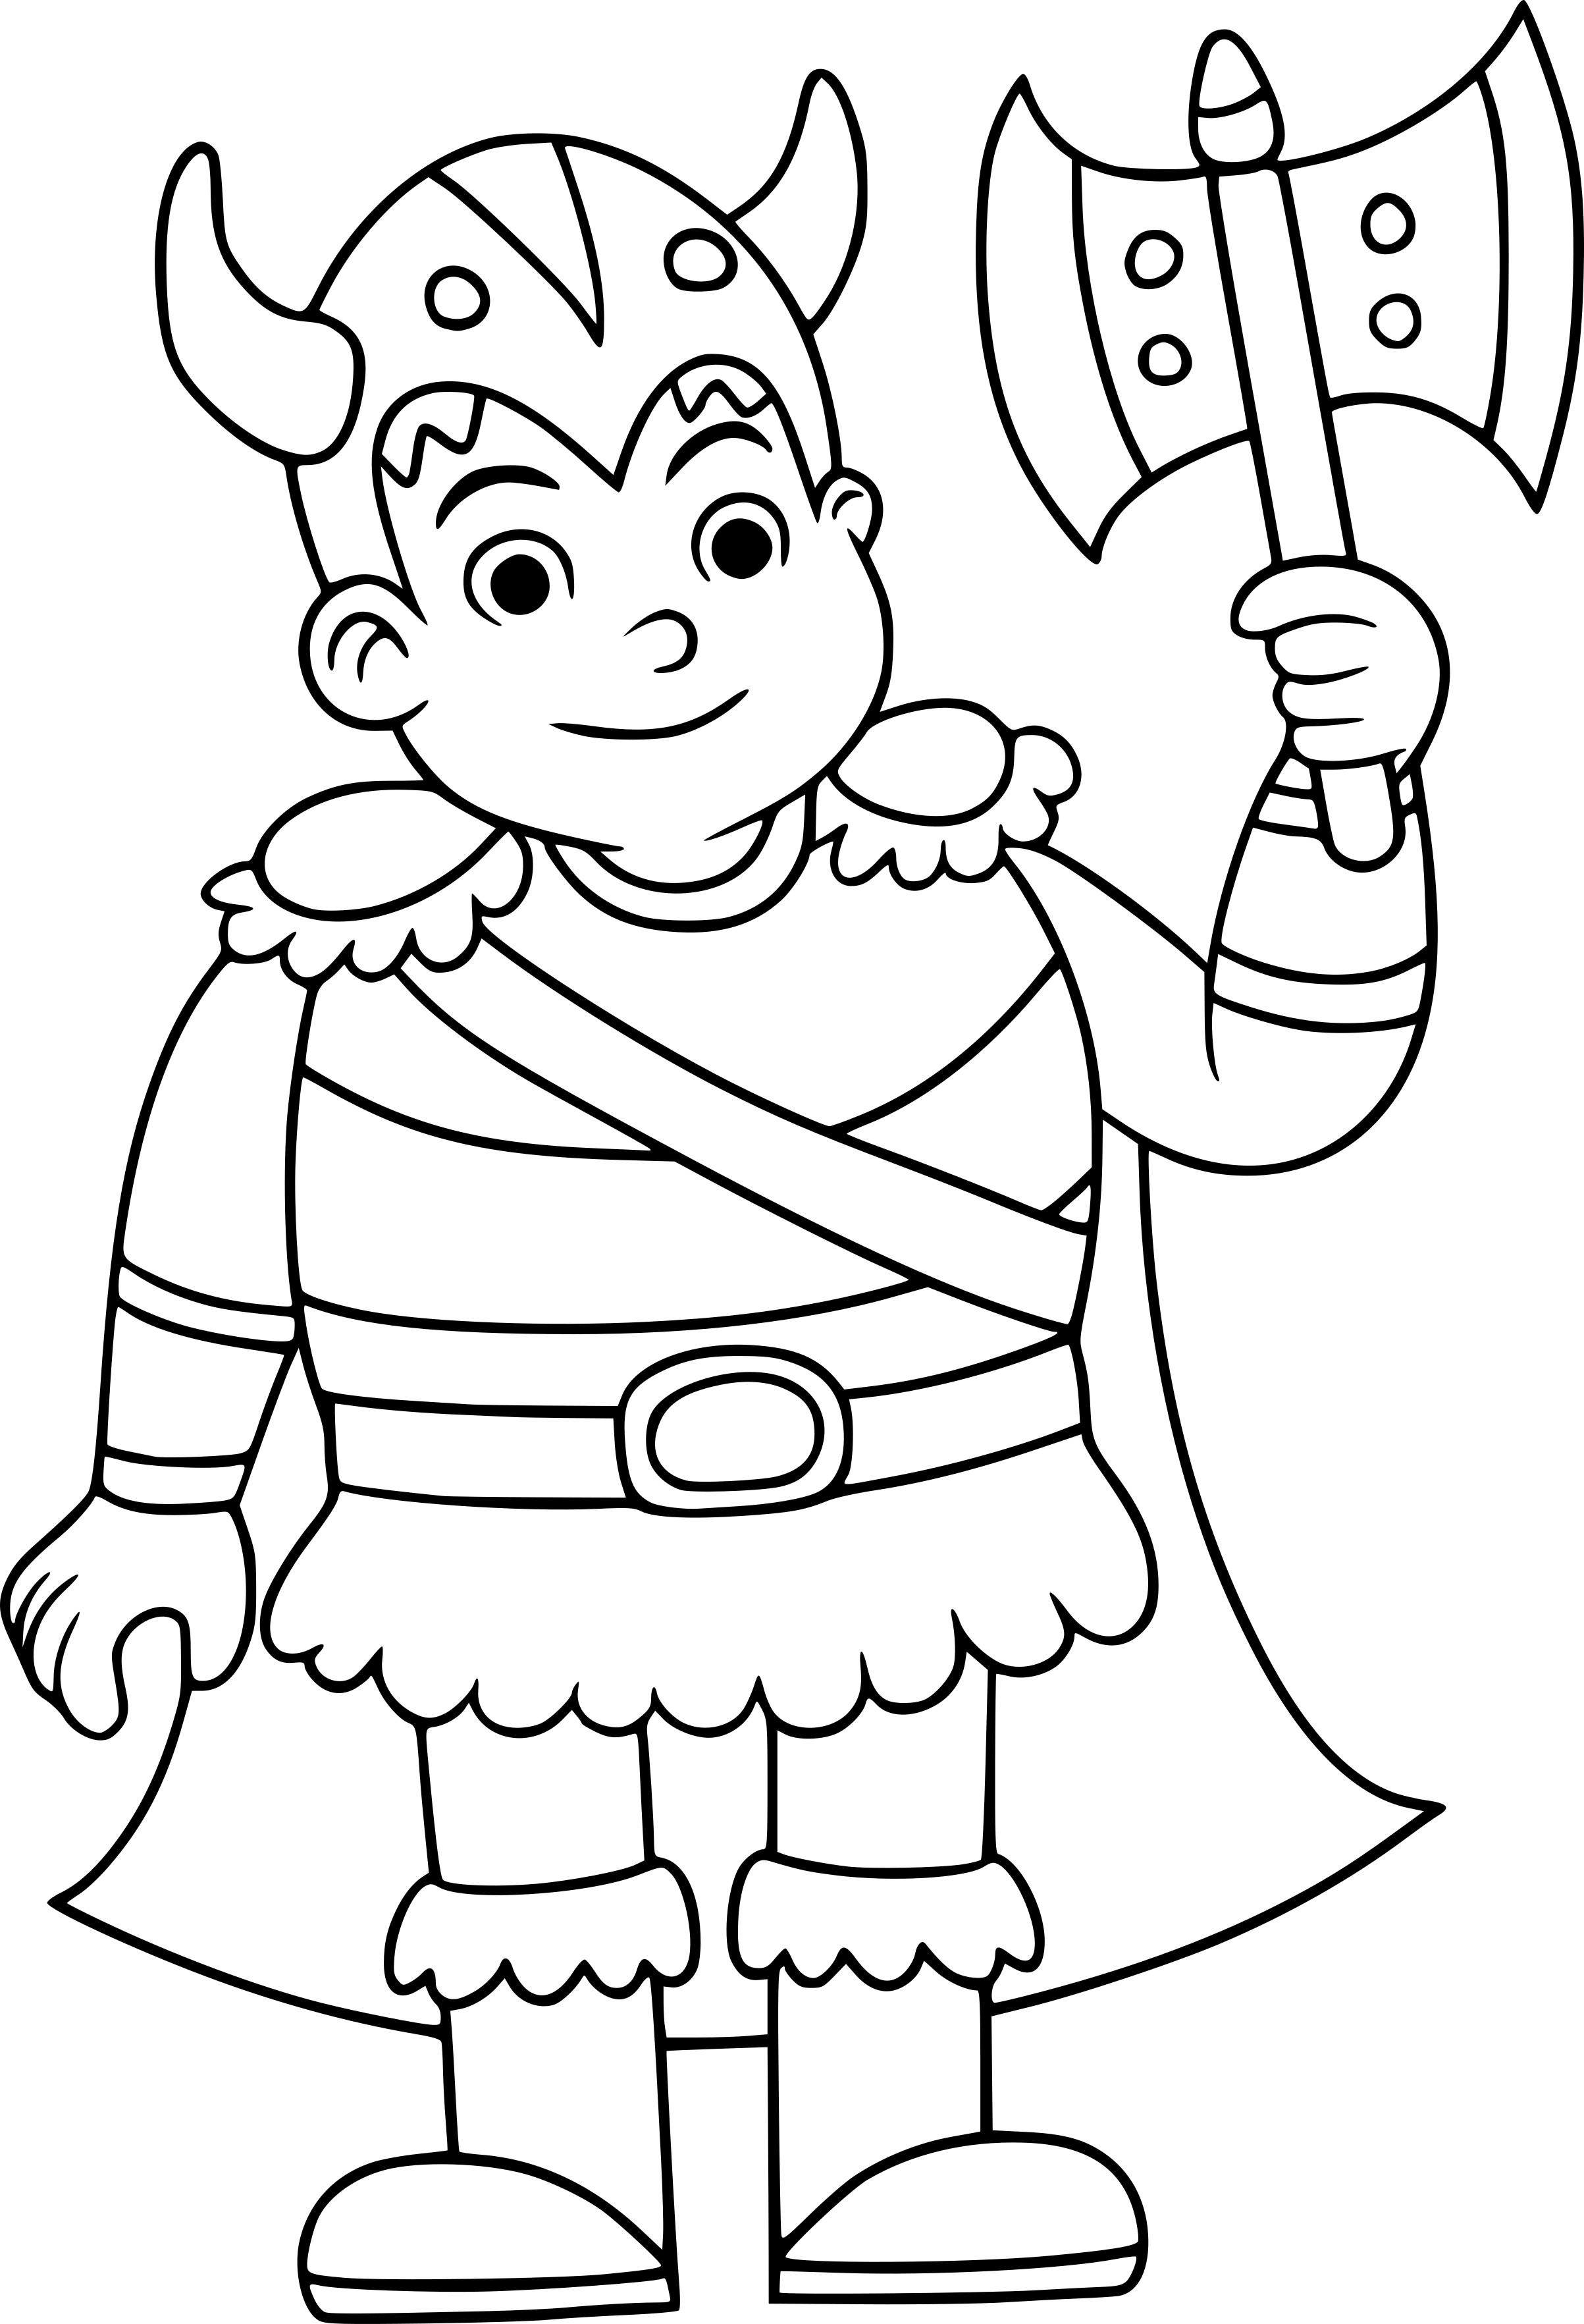 Coloriage Viking Cheval.Coloriage A Imprimer Astrid La Viking De Berk Gratuit Et Viking